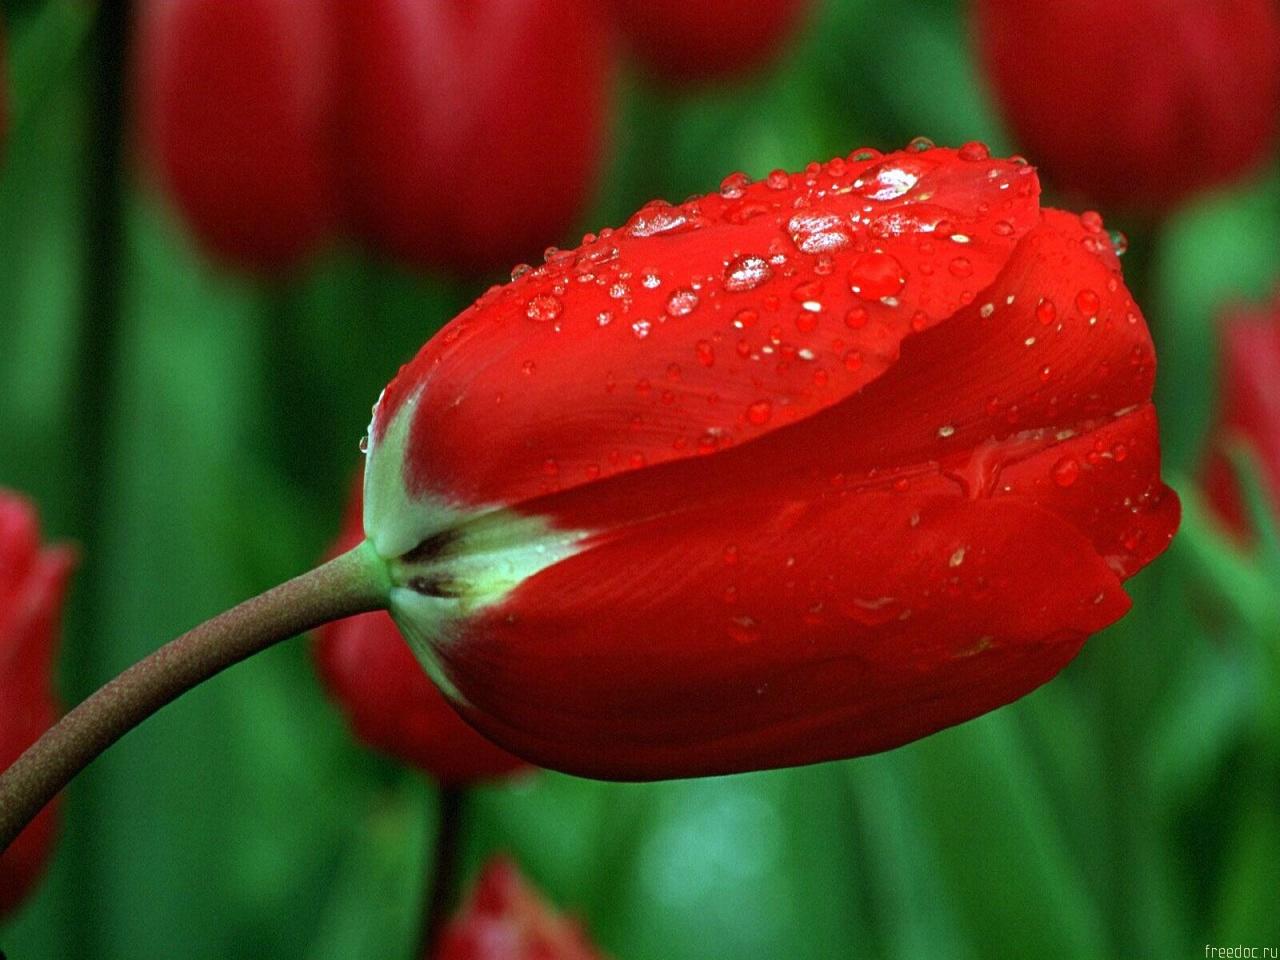 http://3.bp.blogspot.com/-ZlT05a6qWko/UJzUKHdCzLI/AAAAAAAAA-s/fyfUXChipu0/s1600/mh+studio+fort+abbas+mubashir+hassan+rose+03452004005+0632510005+news+pao+paper+tv+pic+pakistan+(27).jpg